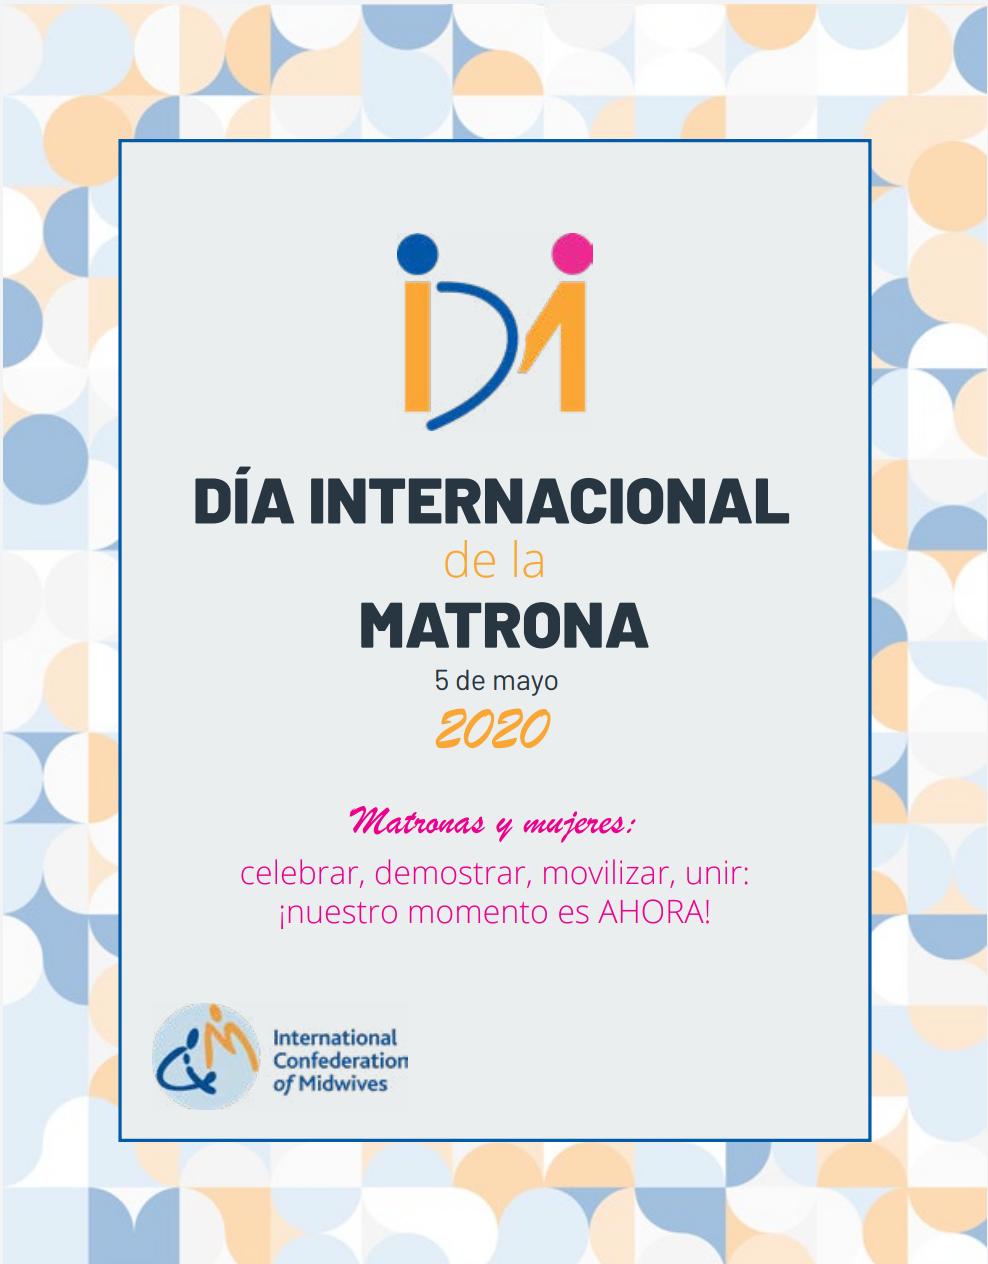 Día Internacional de la Matrona 5 de mayo 2020